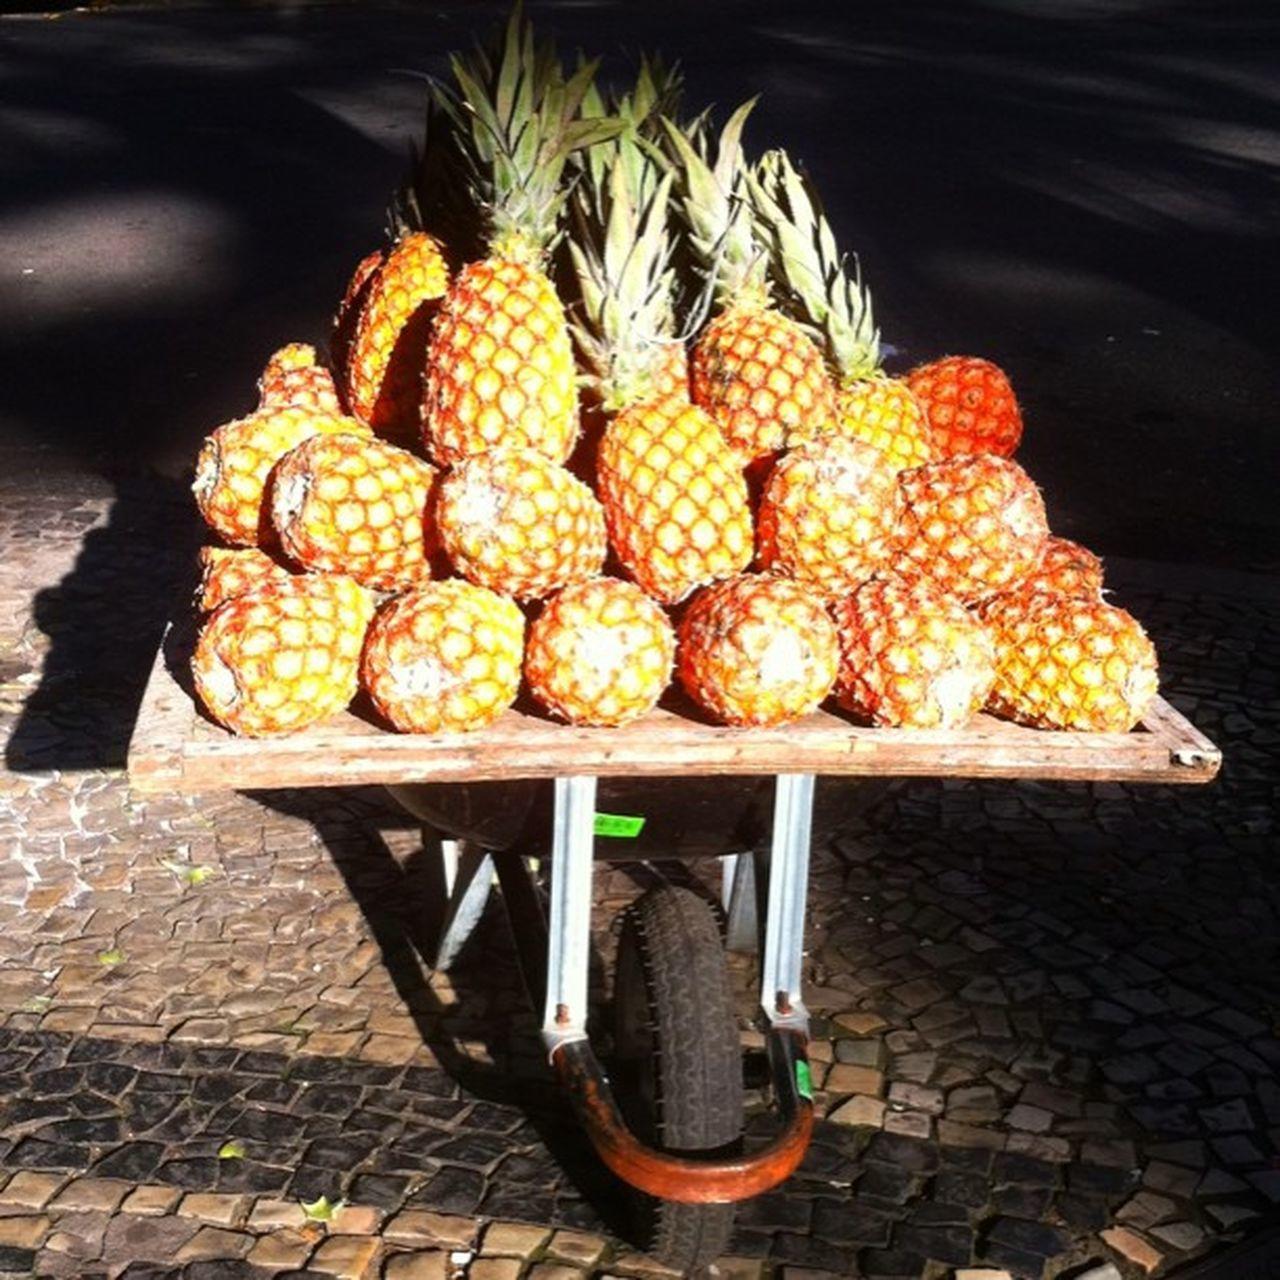 Pineapple Streetsale! Lol